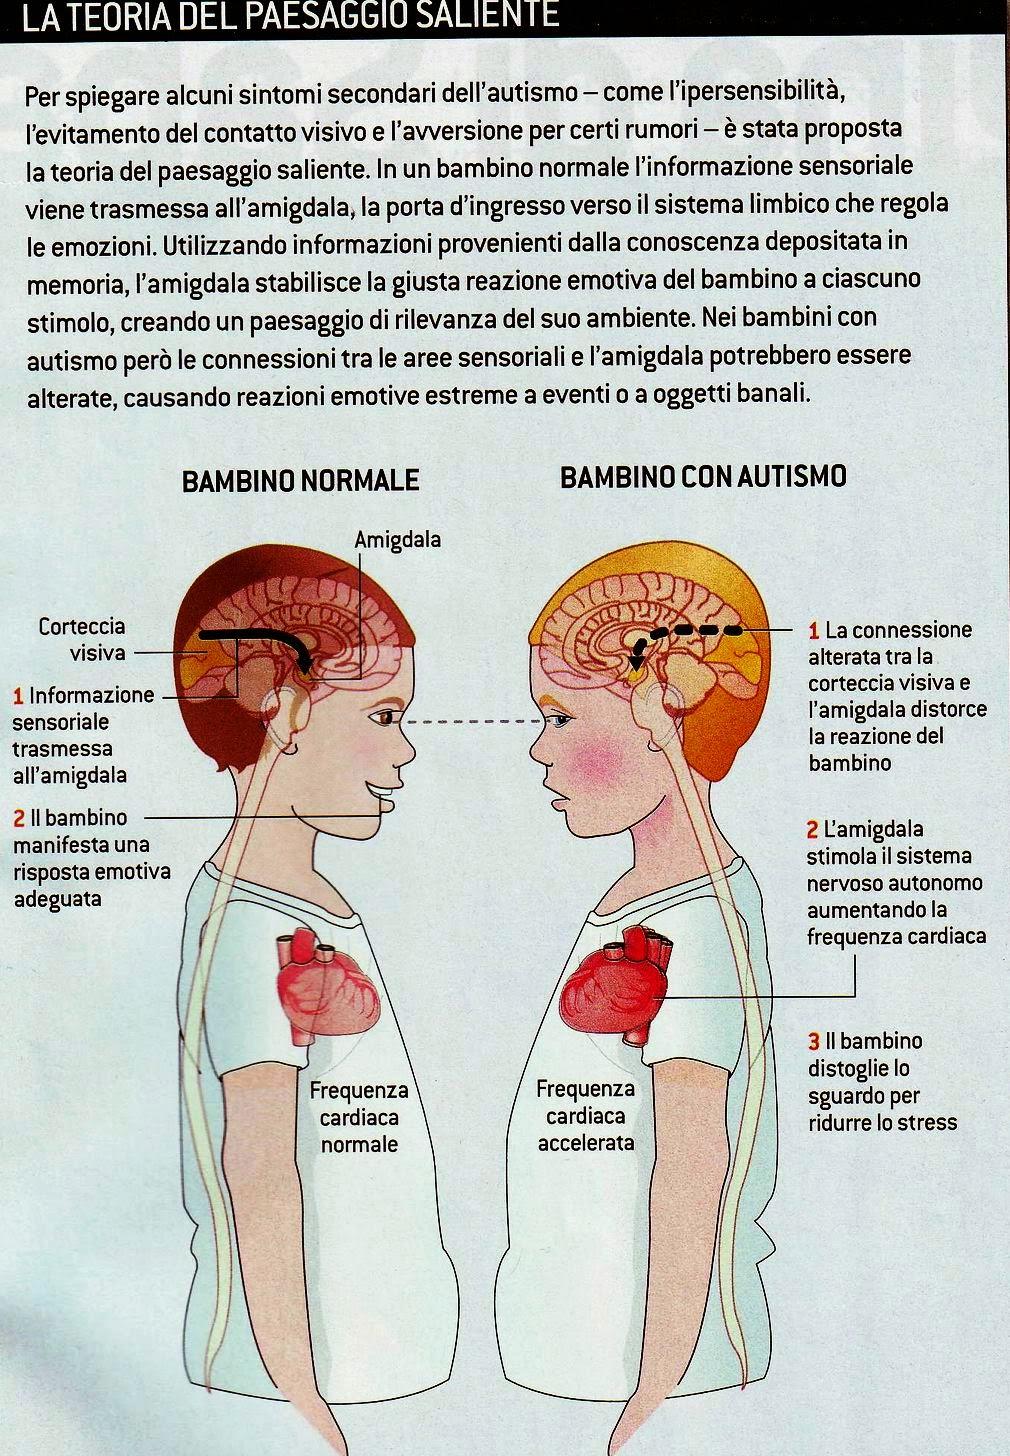 Didattica e cervello rizzolatti nell autismo i neuroni empatici sono solo bloccati - Neuroni a specchio ...